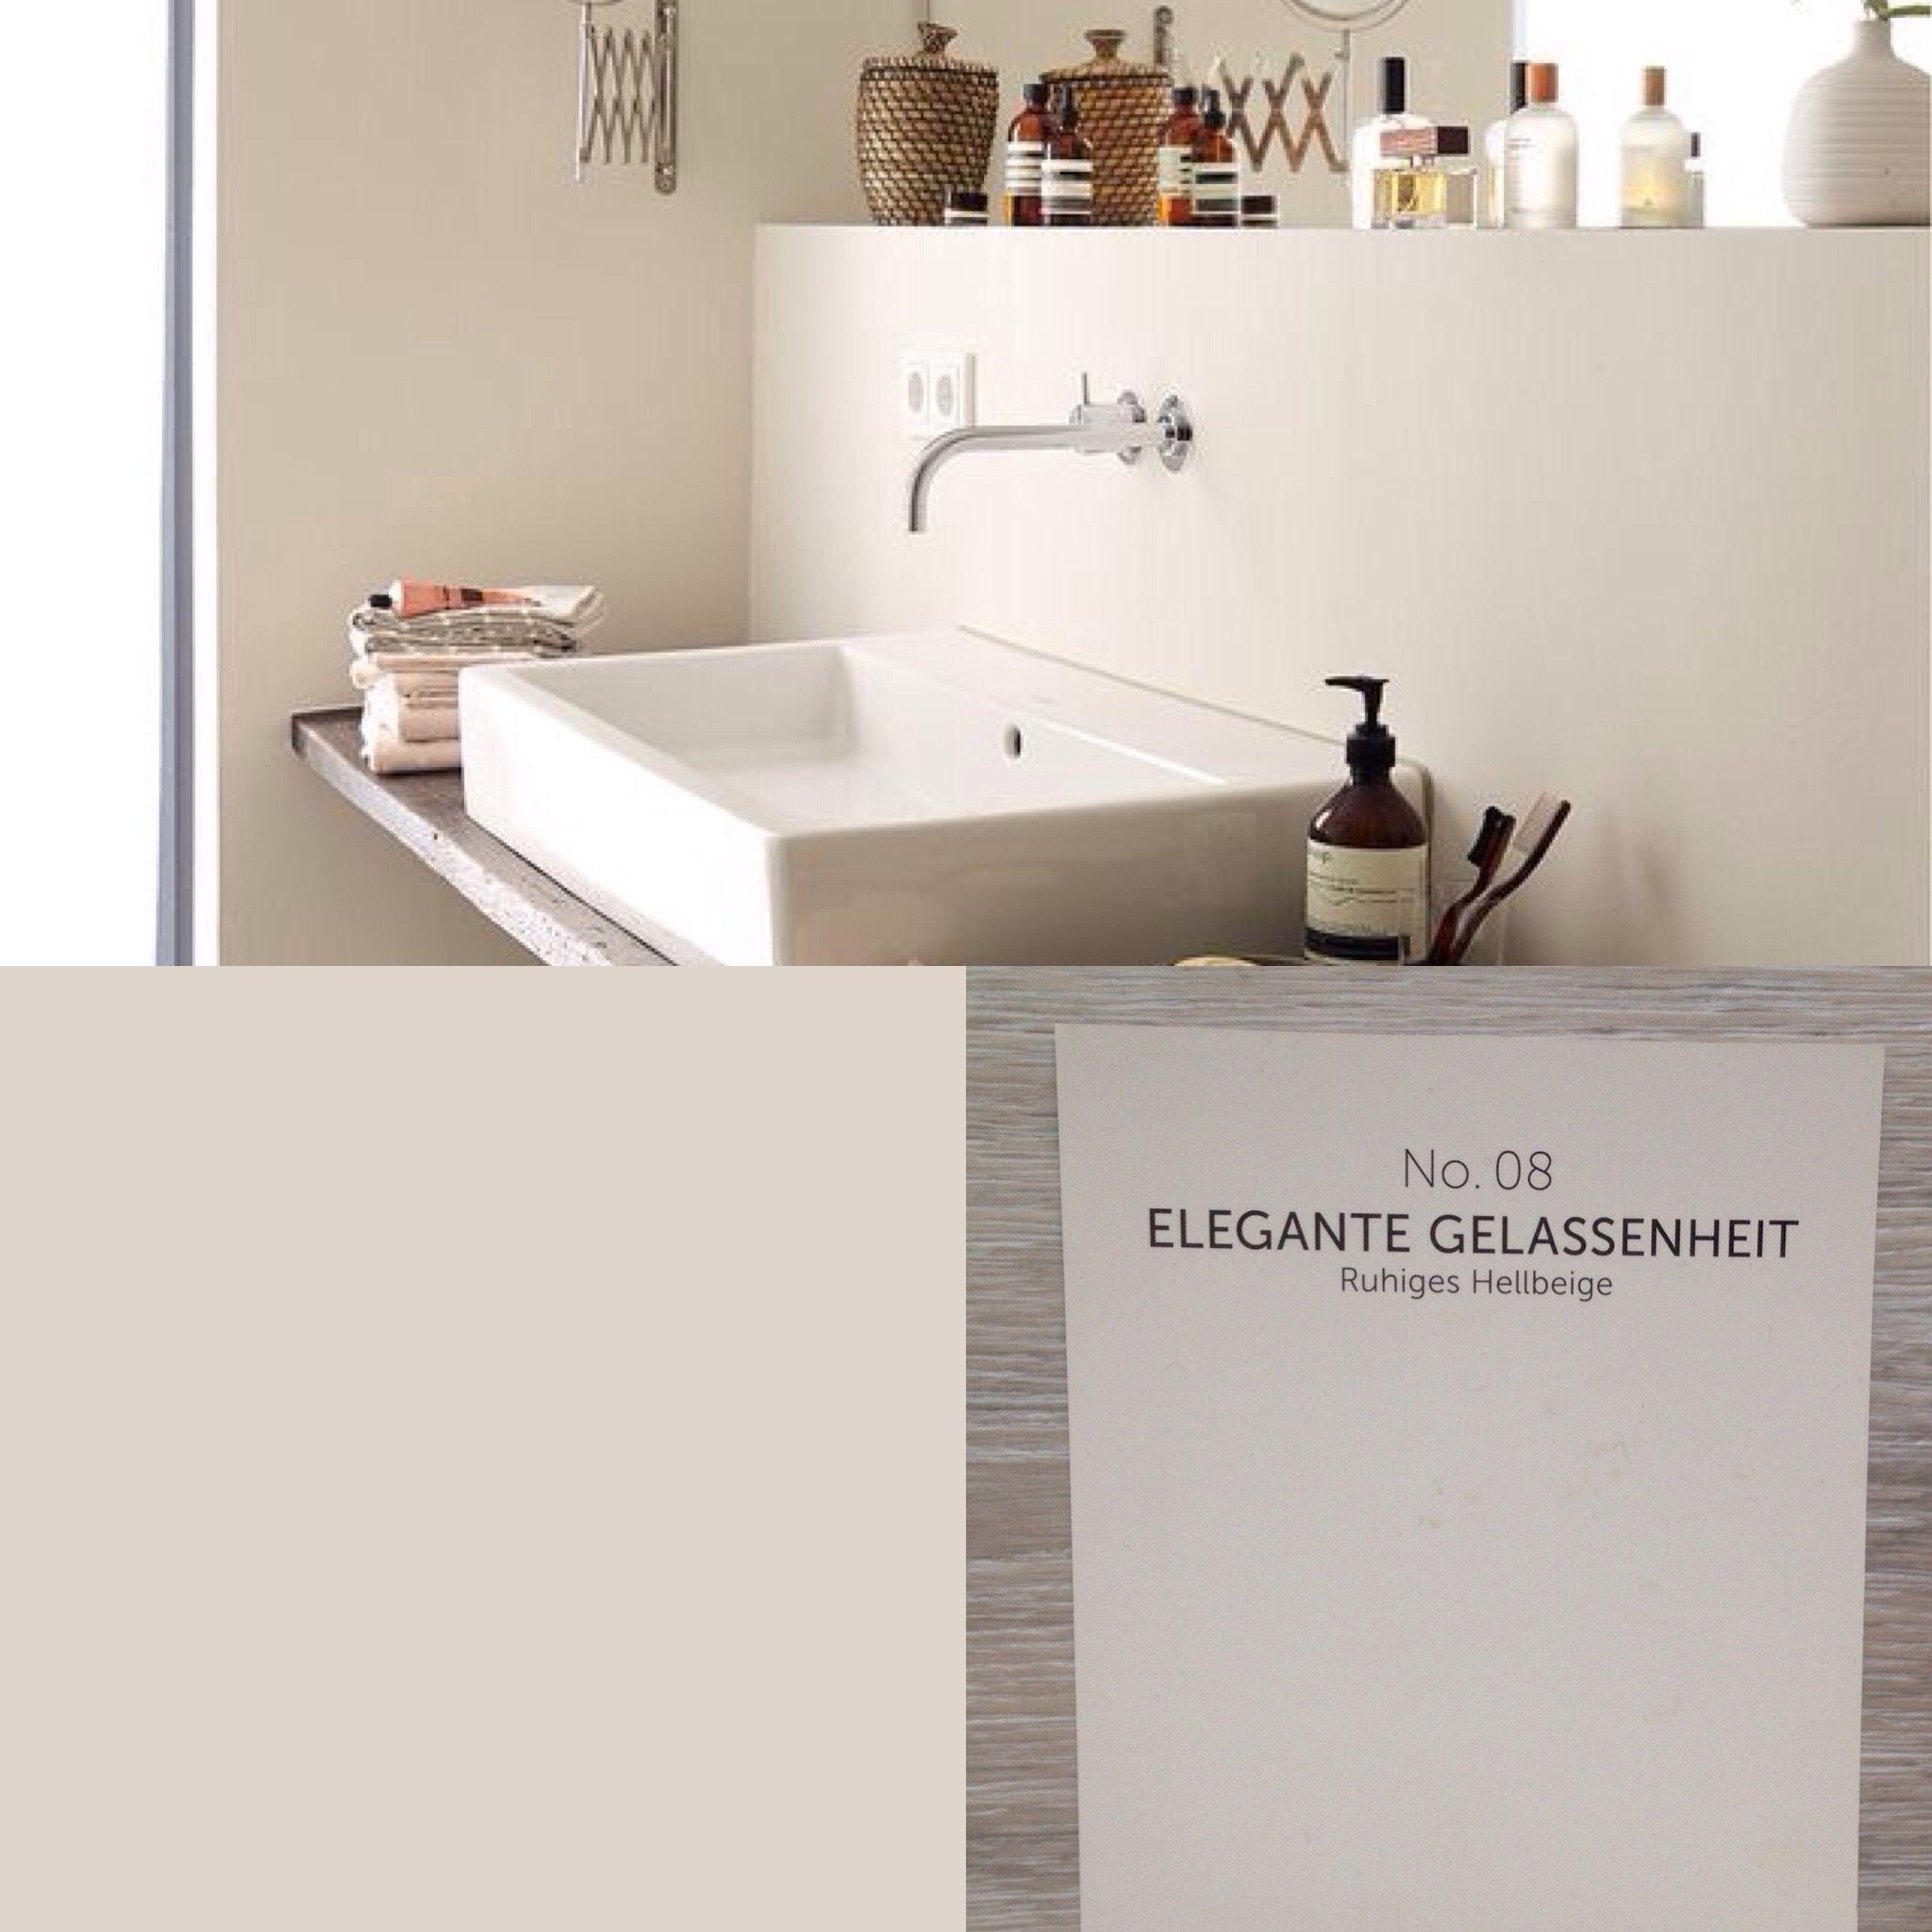 Alpina Feine Farben Elegante Gelassenheit - Für unser Gästezimmer und Kinderbadezimmer, sowie Flur! #alpinafeinefarben